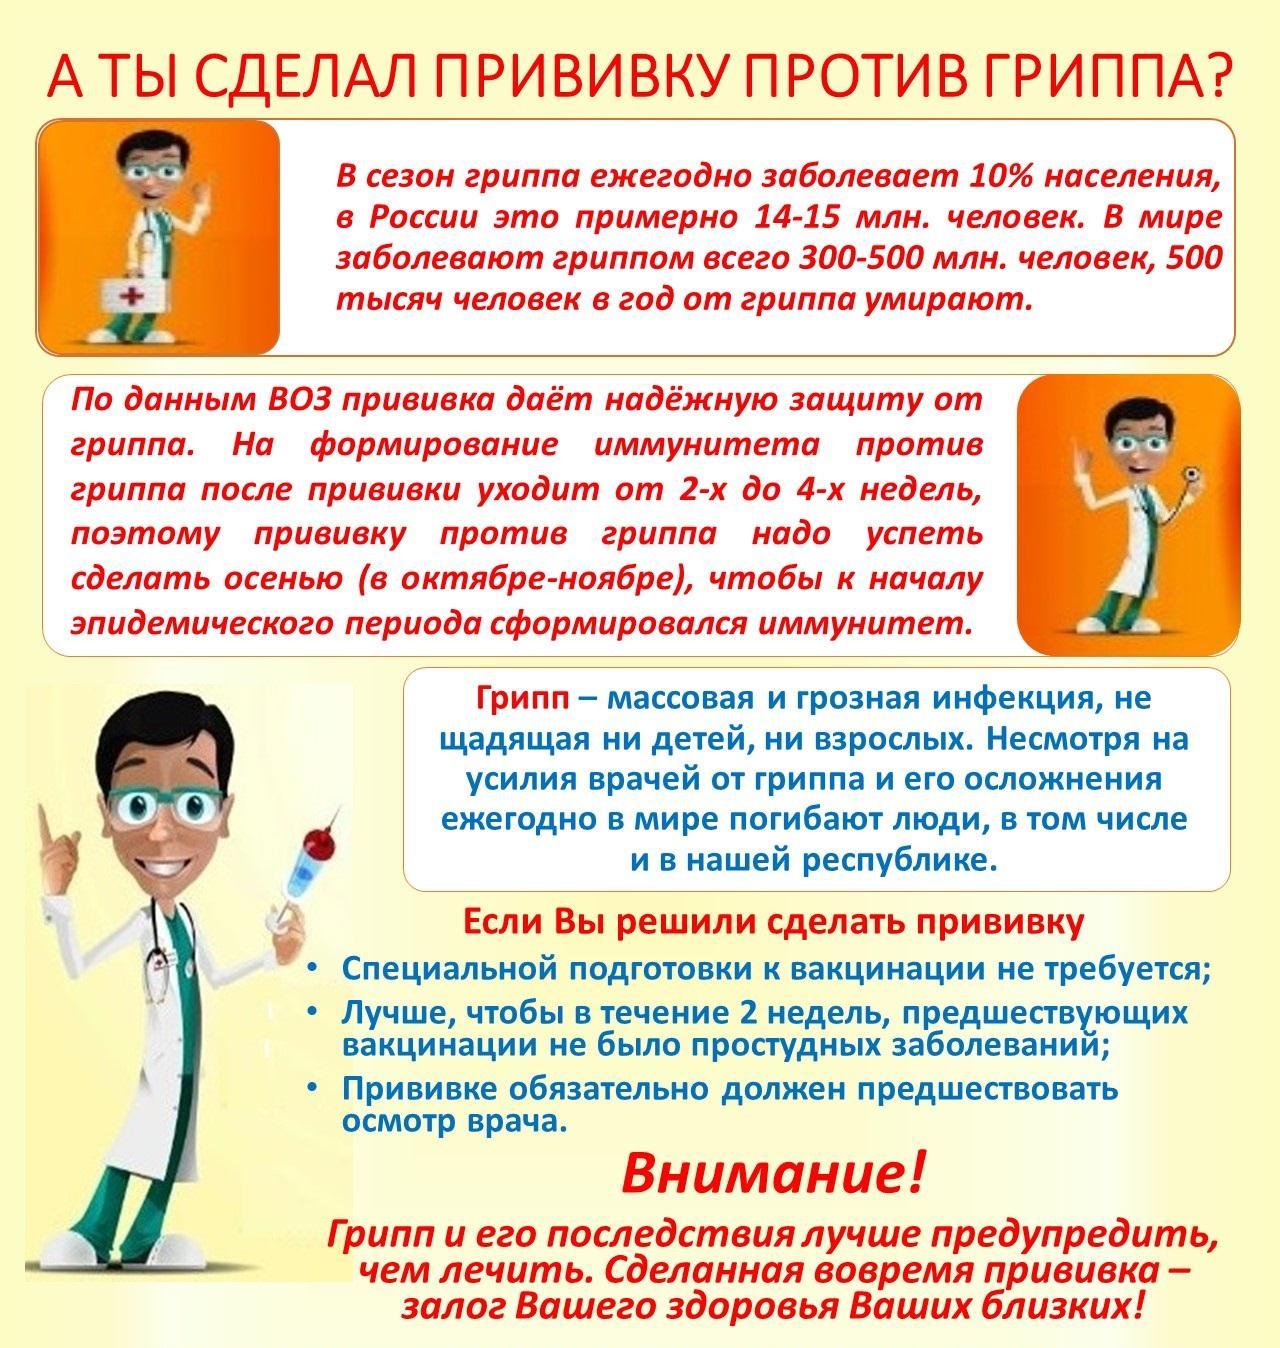 За и против прививок: вся правда о вакцинации, мнения врачей, польза и вред вакцин